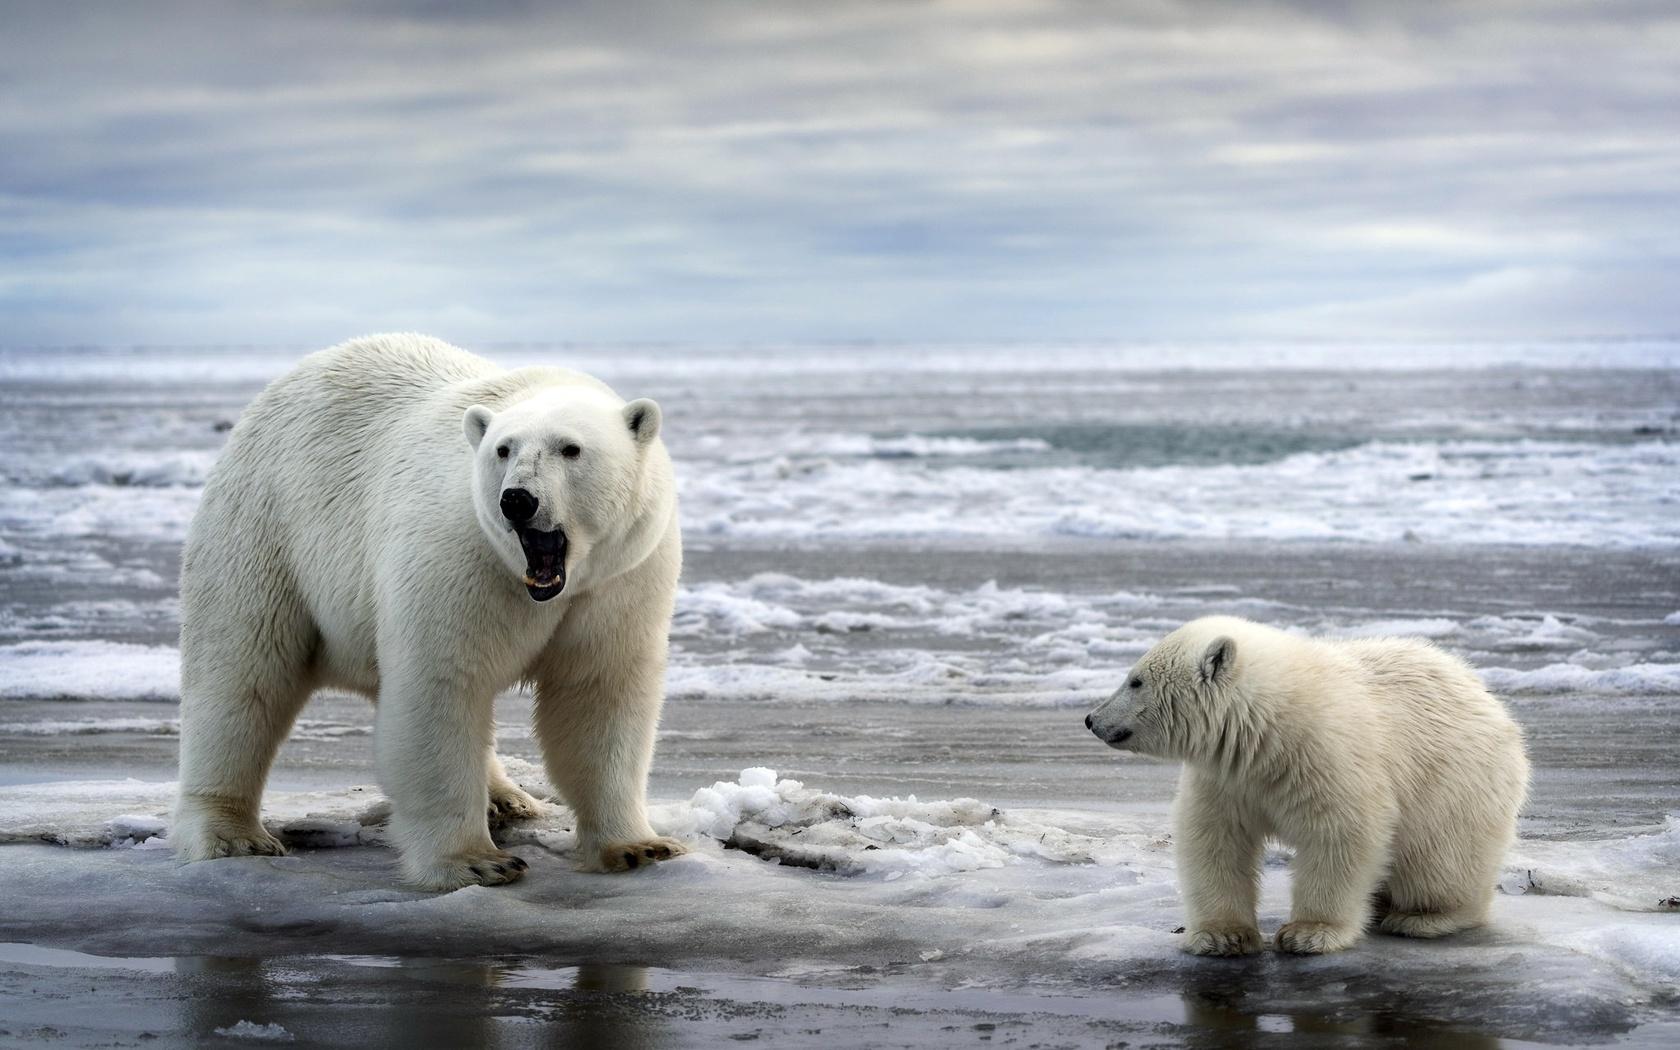 животные, хищники, белые медведи, медведица, медвежонок, детёныш, вода, снег